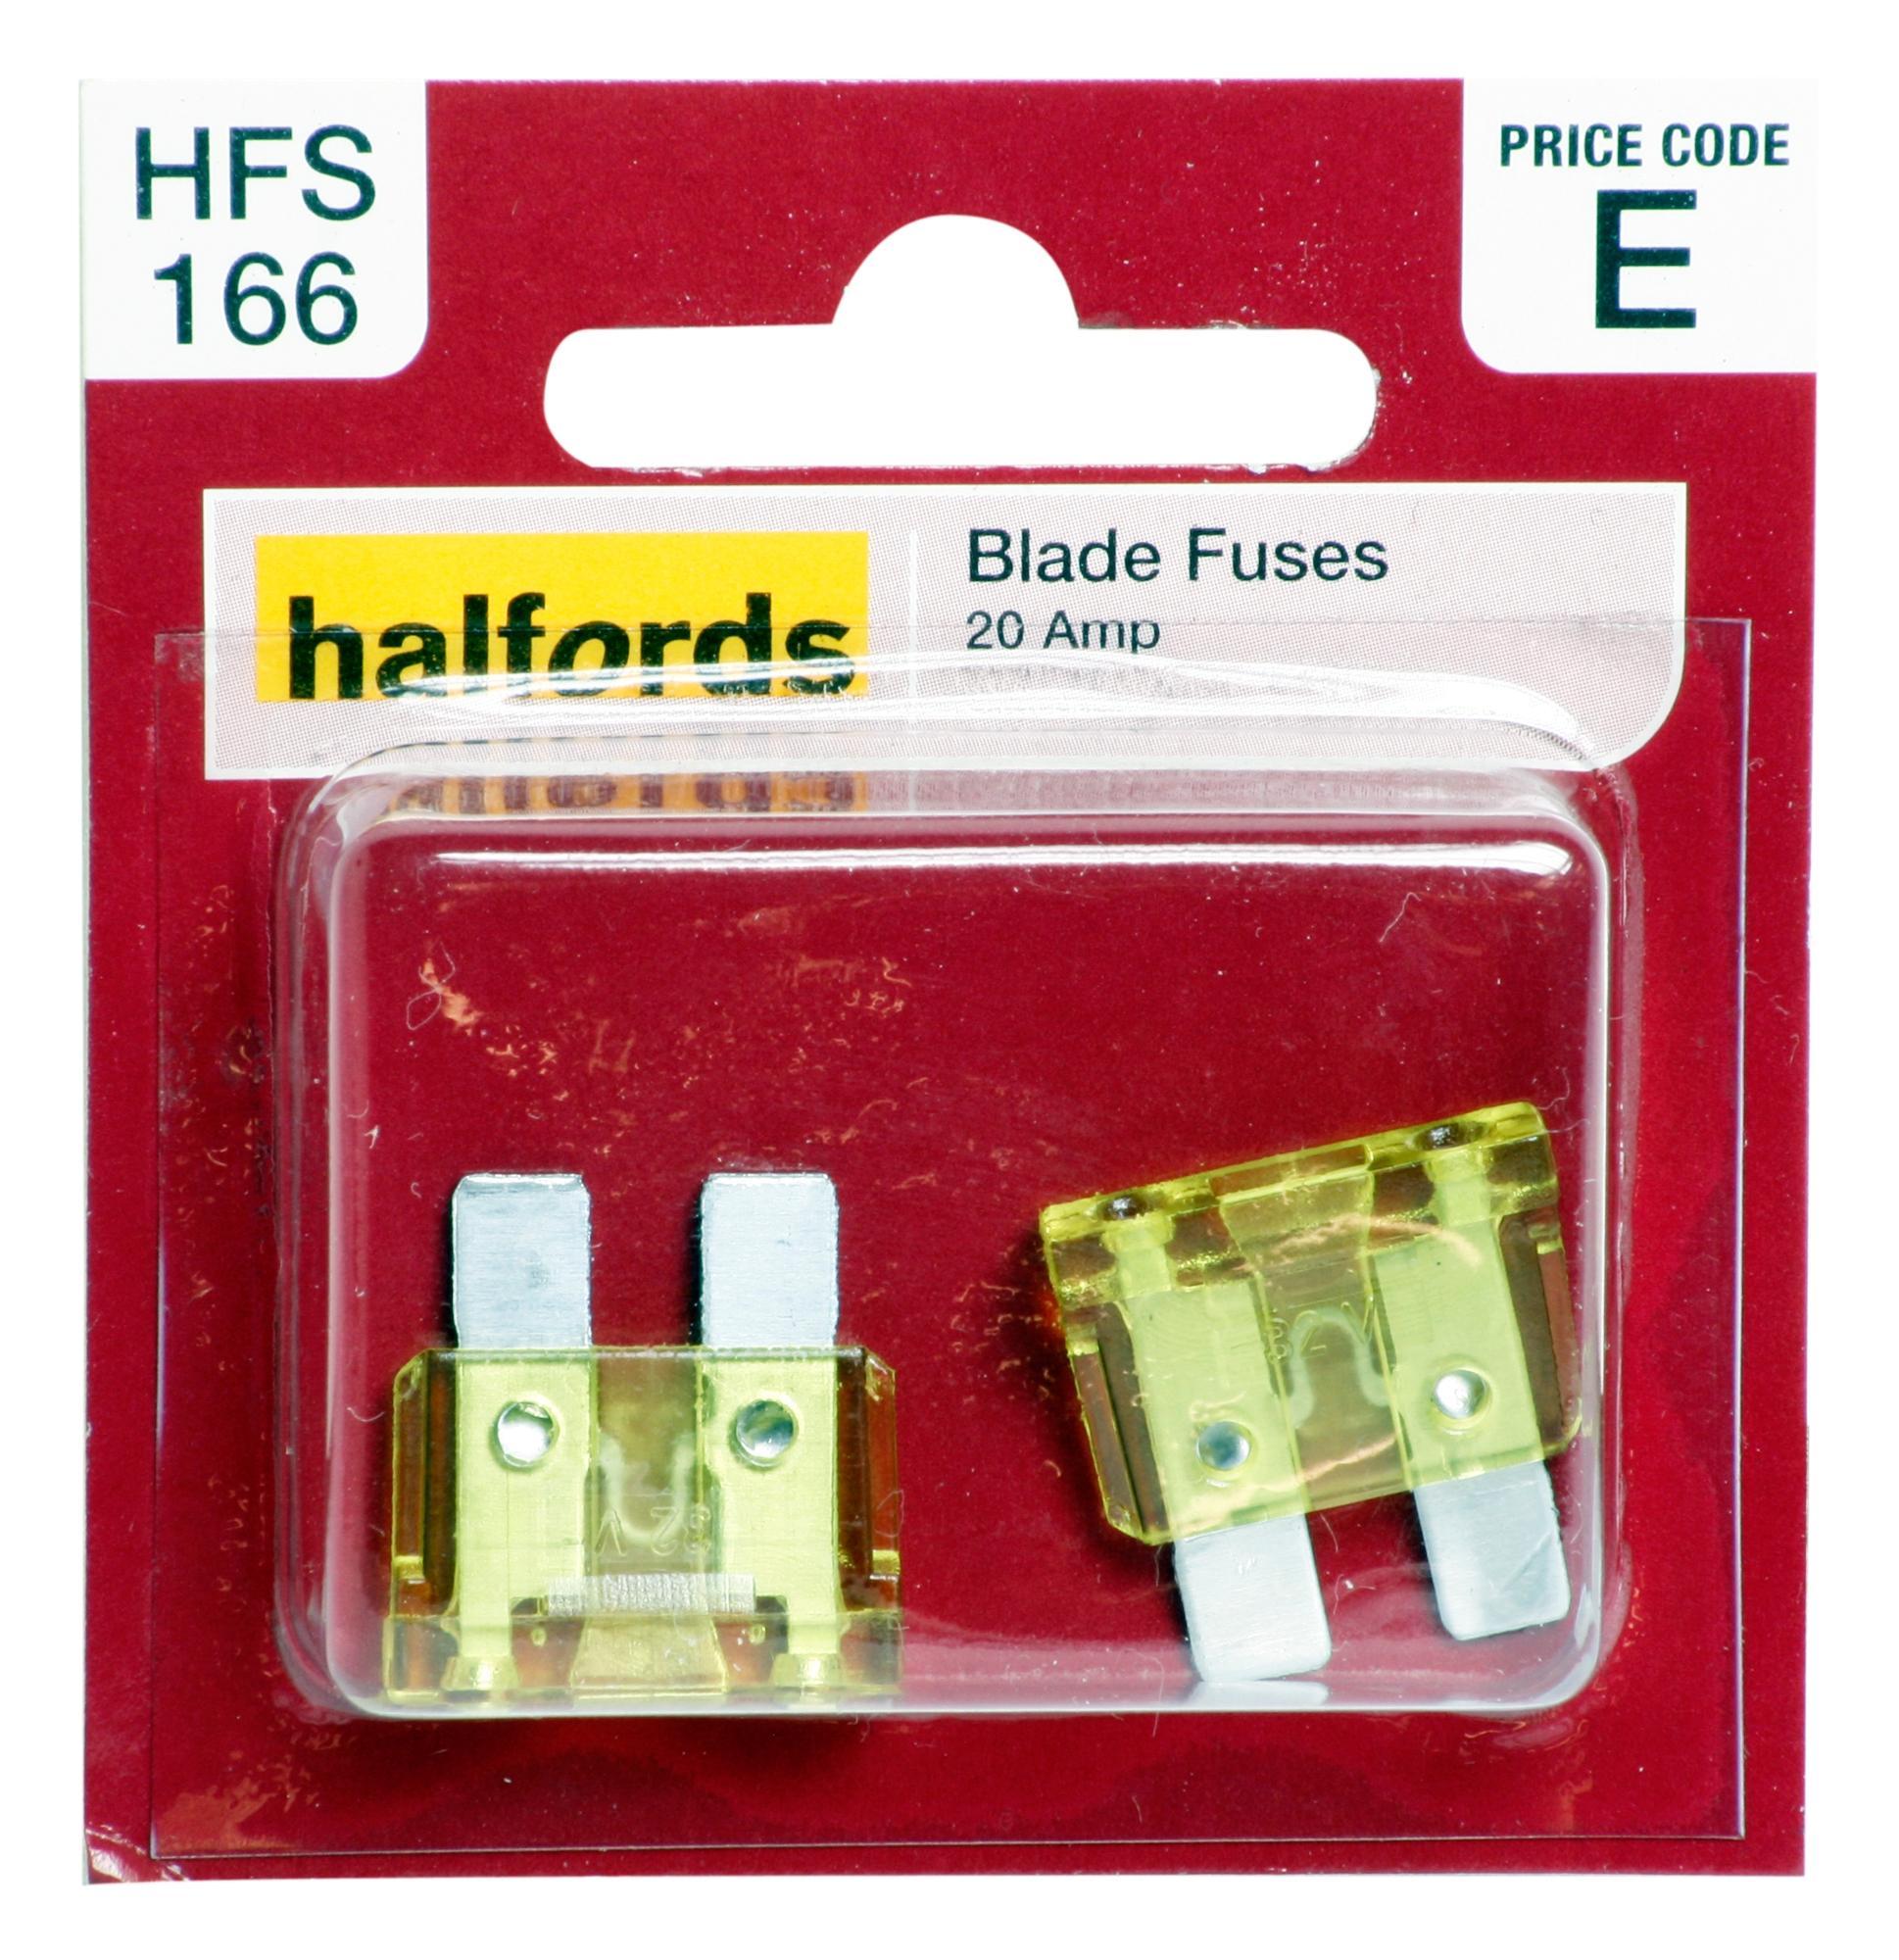 halfords blade fuses 20 amp rh halfords com